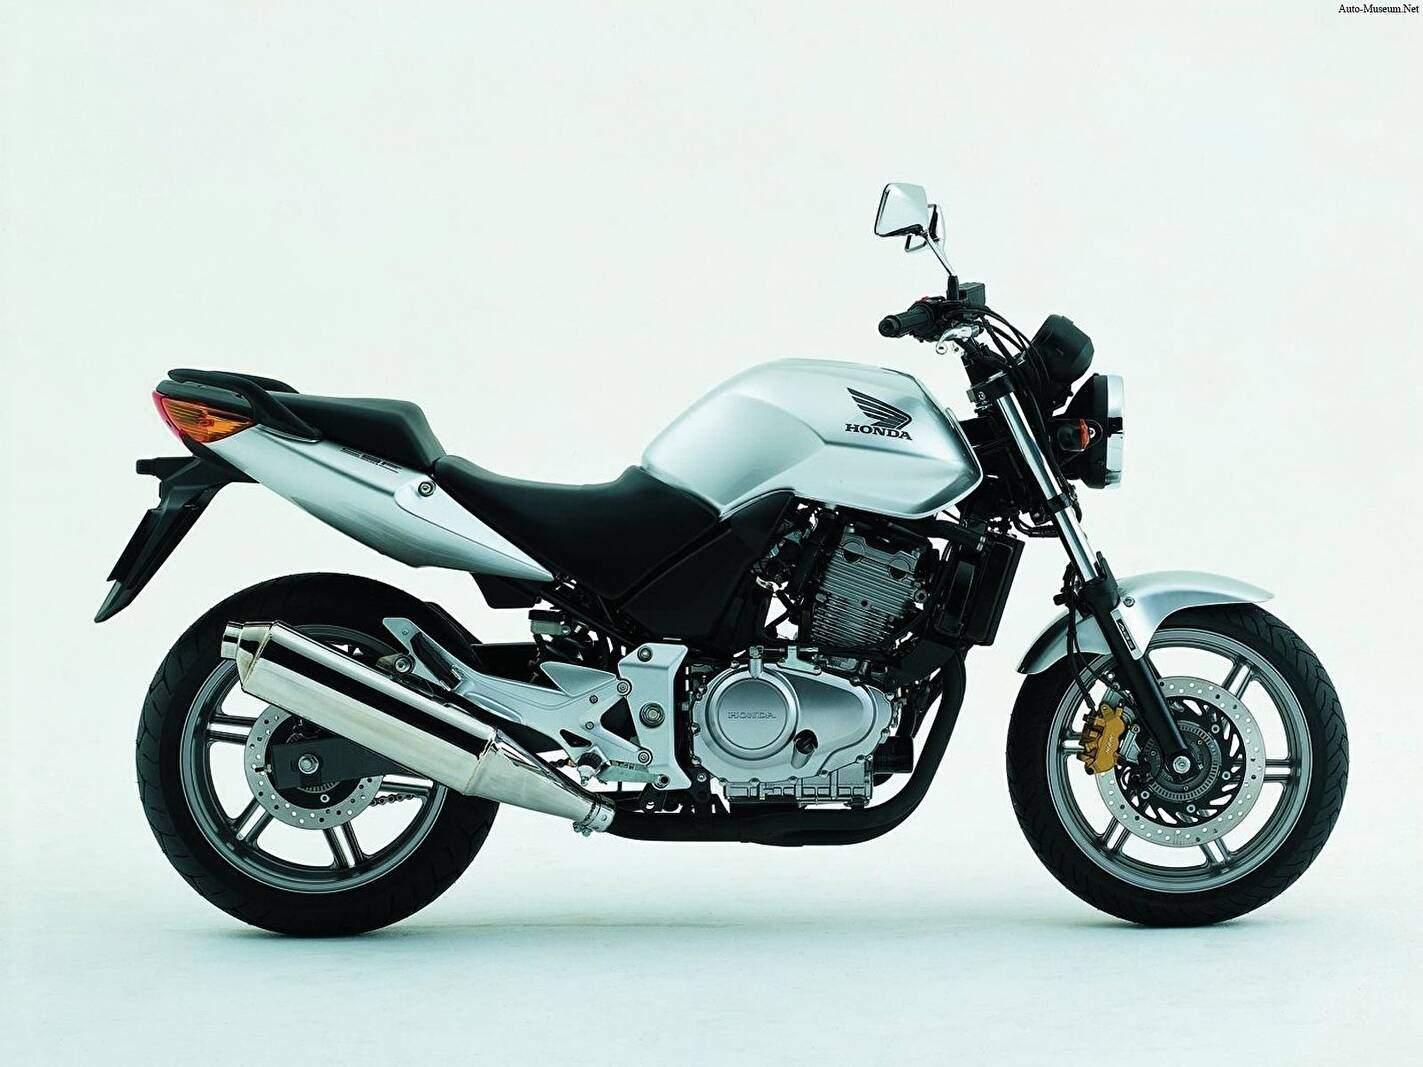 Honda CBF 500 (2007),  ajouté par ro0tswitch